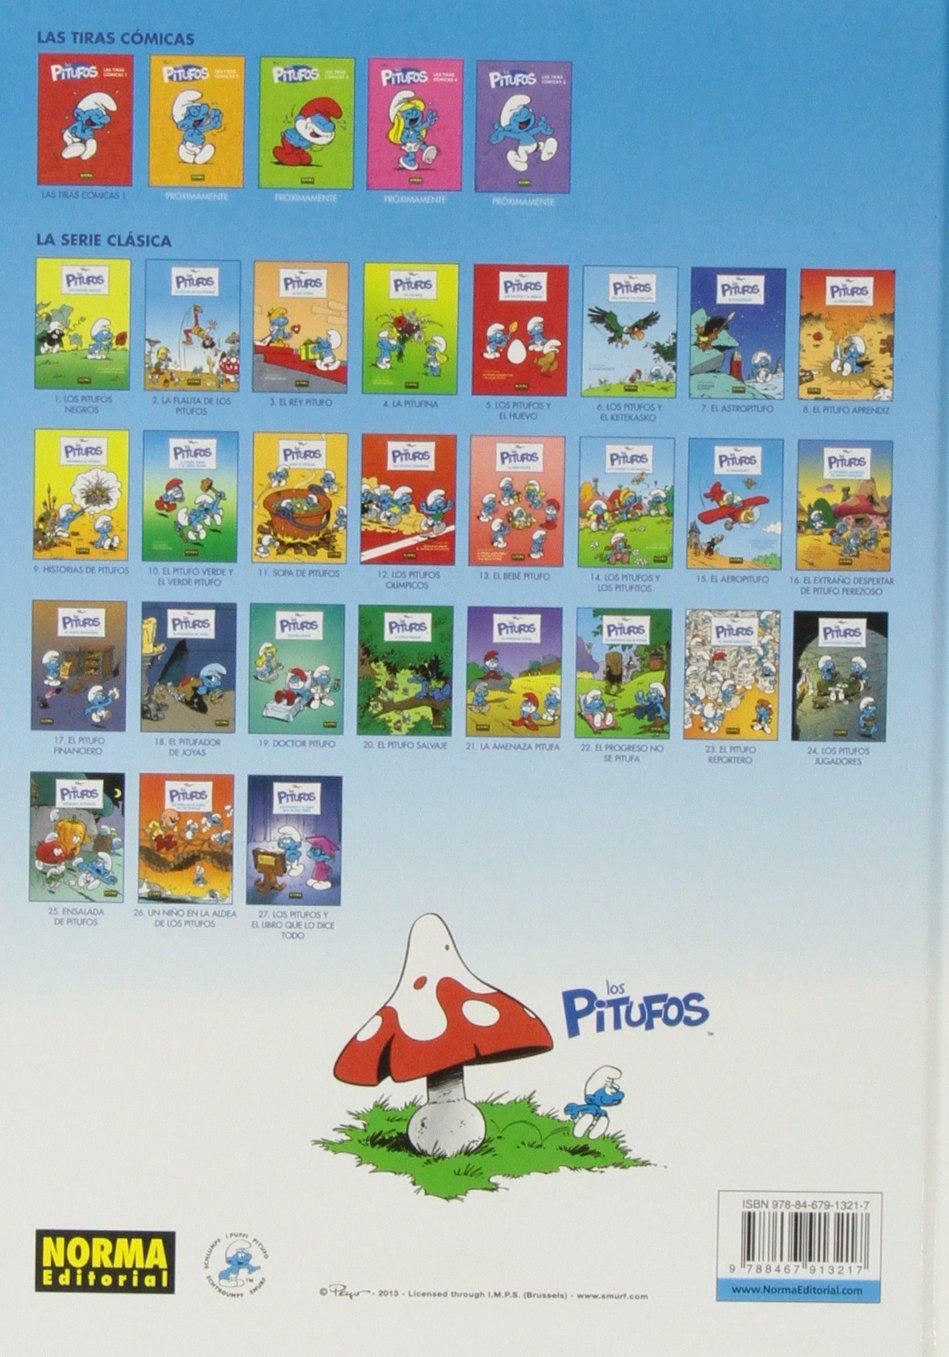 Los pitufos 9. Historias de Pitufos INFANTIL Y JUVENIL - 9788467913217: Amazon.es: Peyo e Y. Delporte: Libros